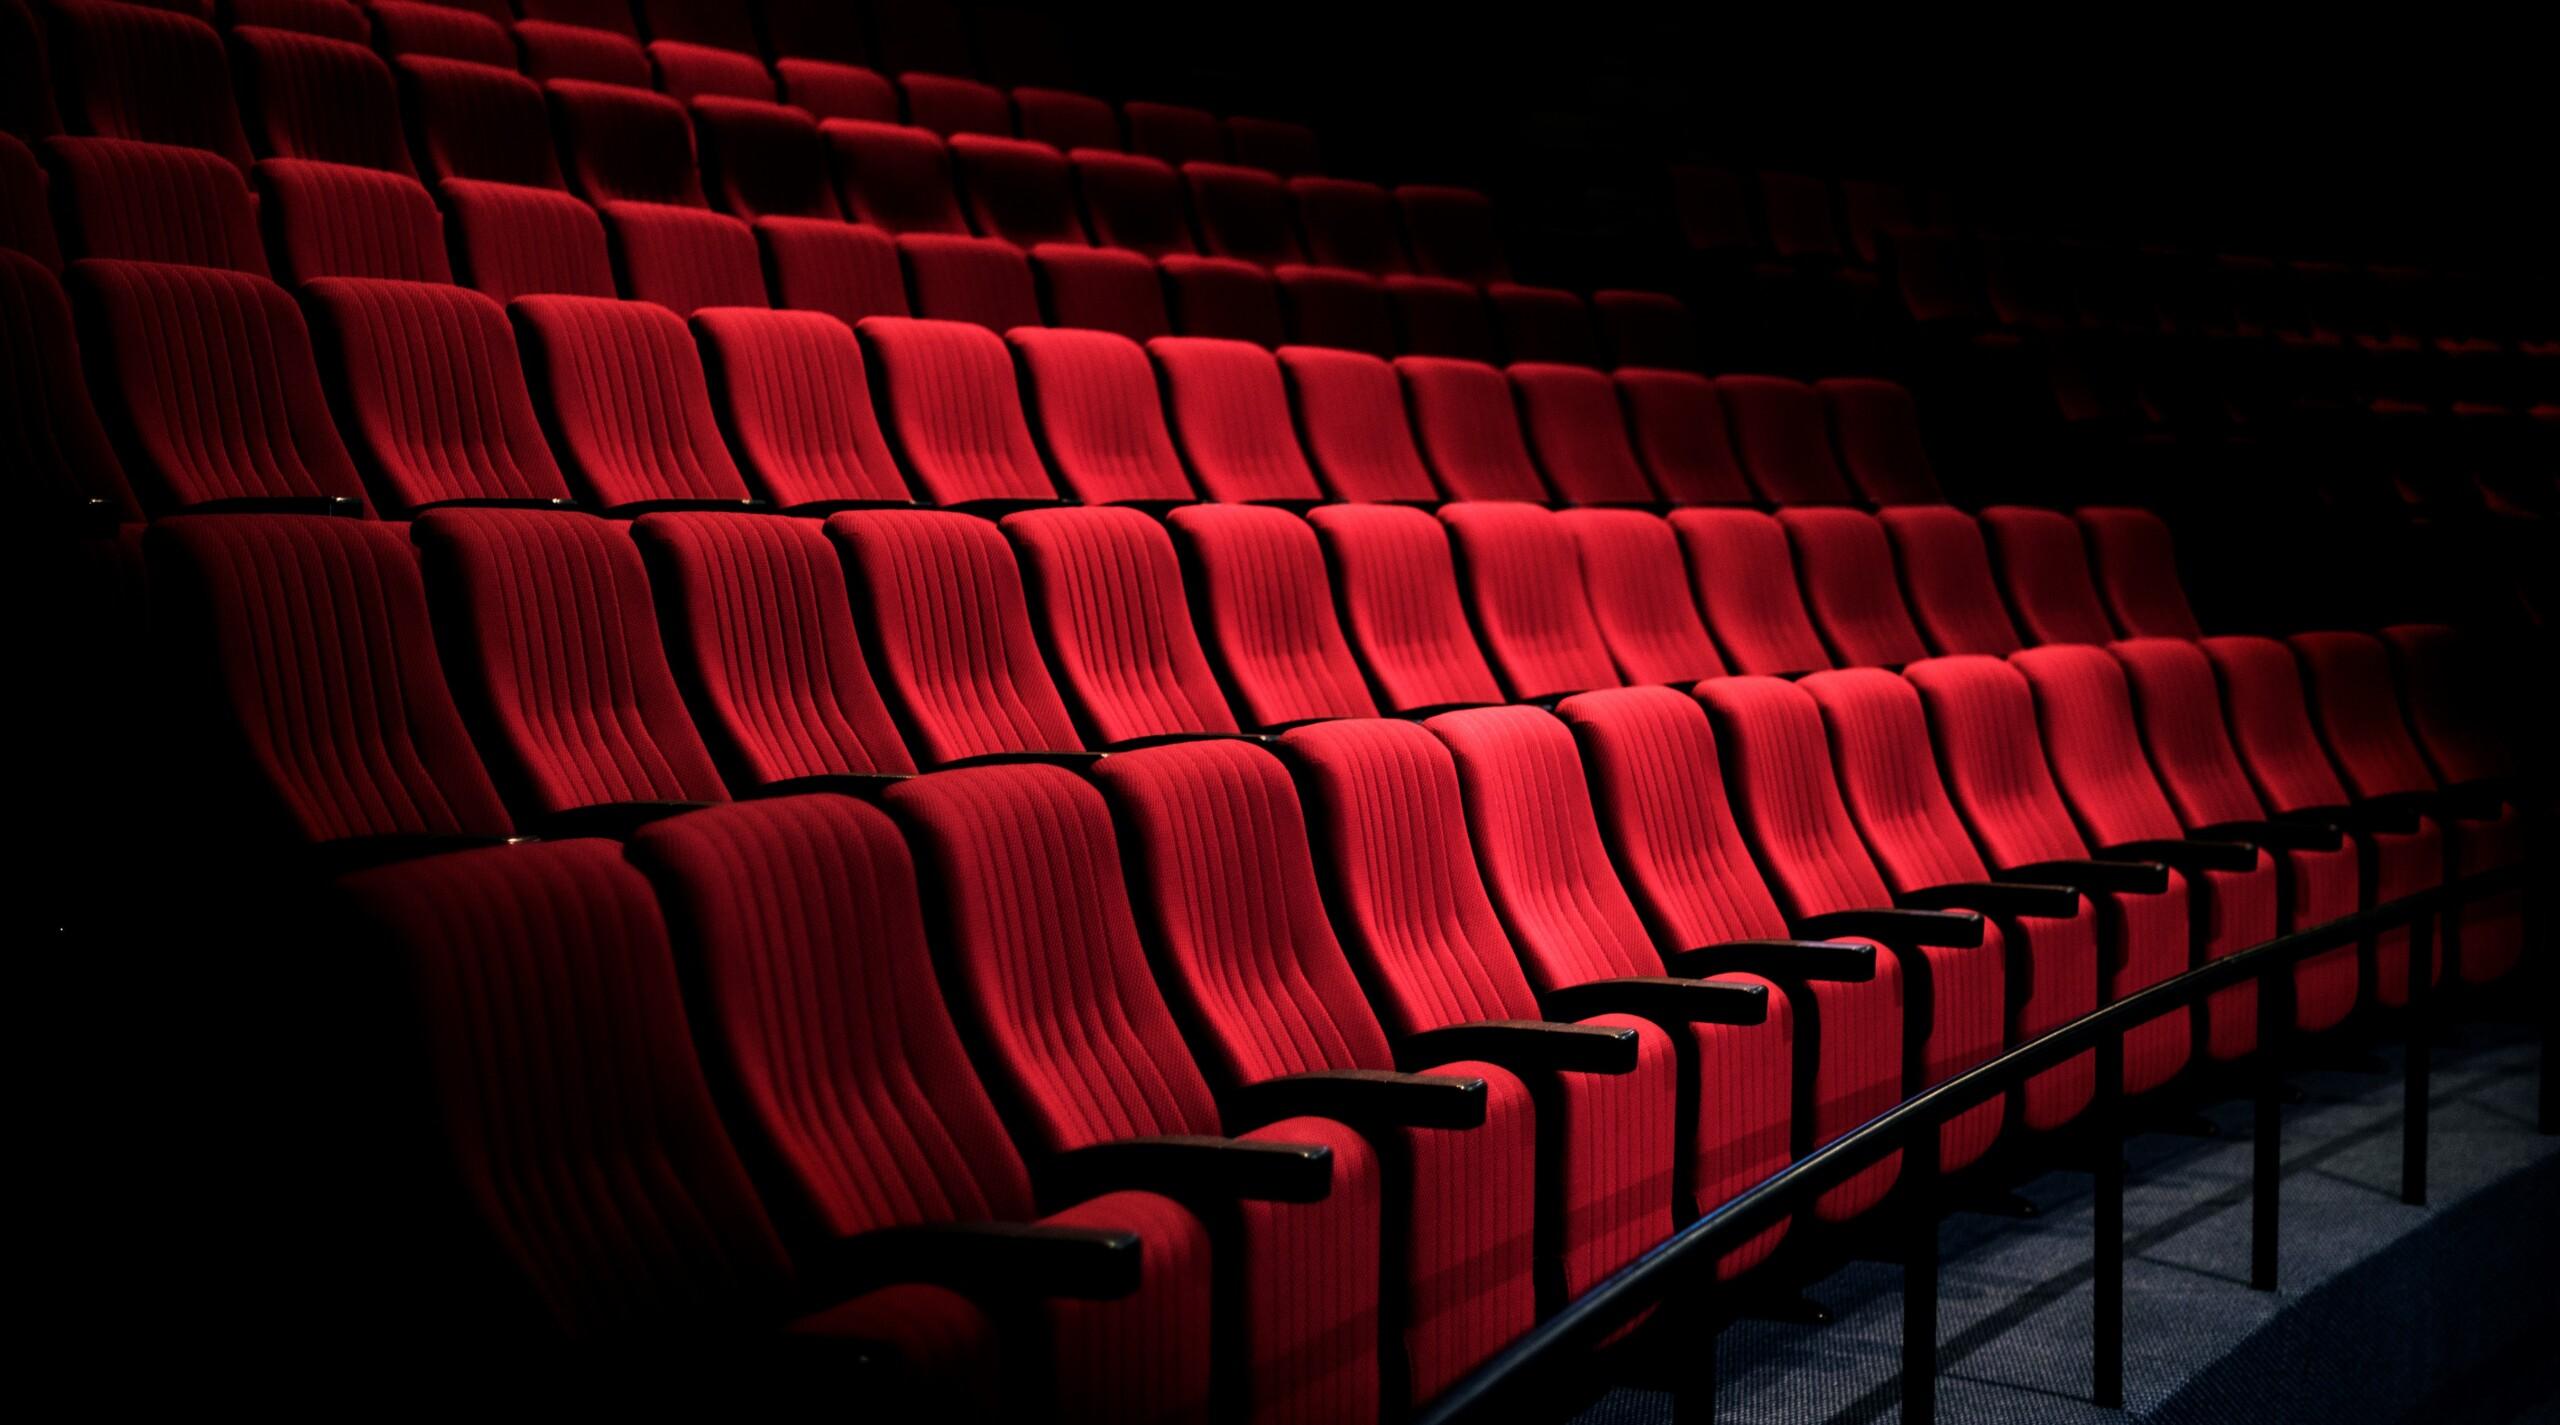 Ελληνικό #metoo: 3 ηθοποιοί αντιμέτωποι με τη Δικαιοσύνη